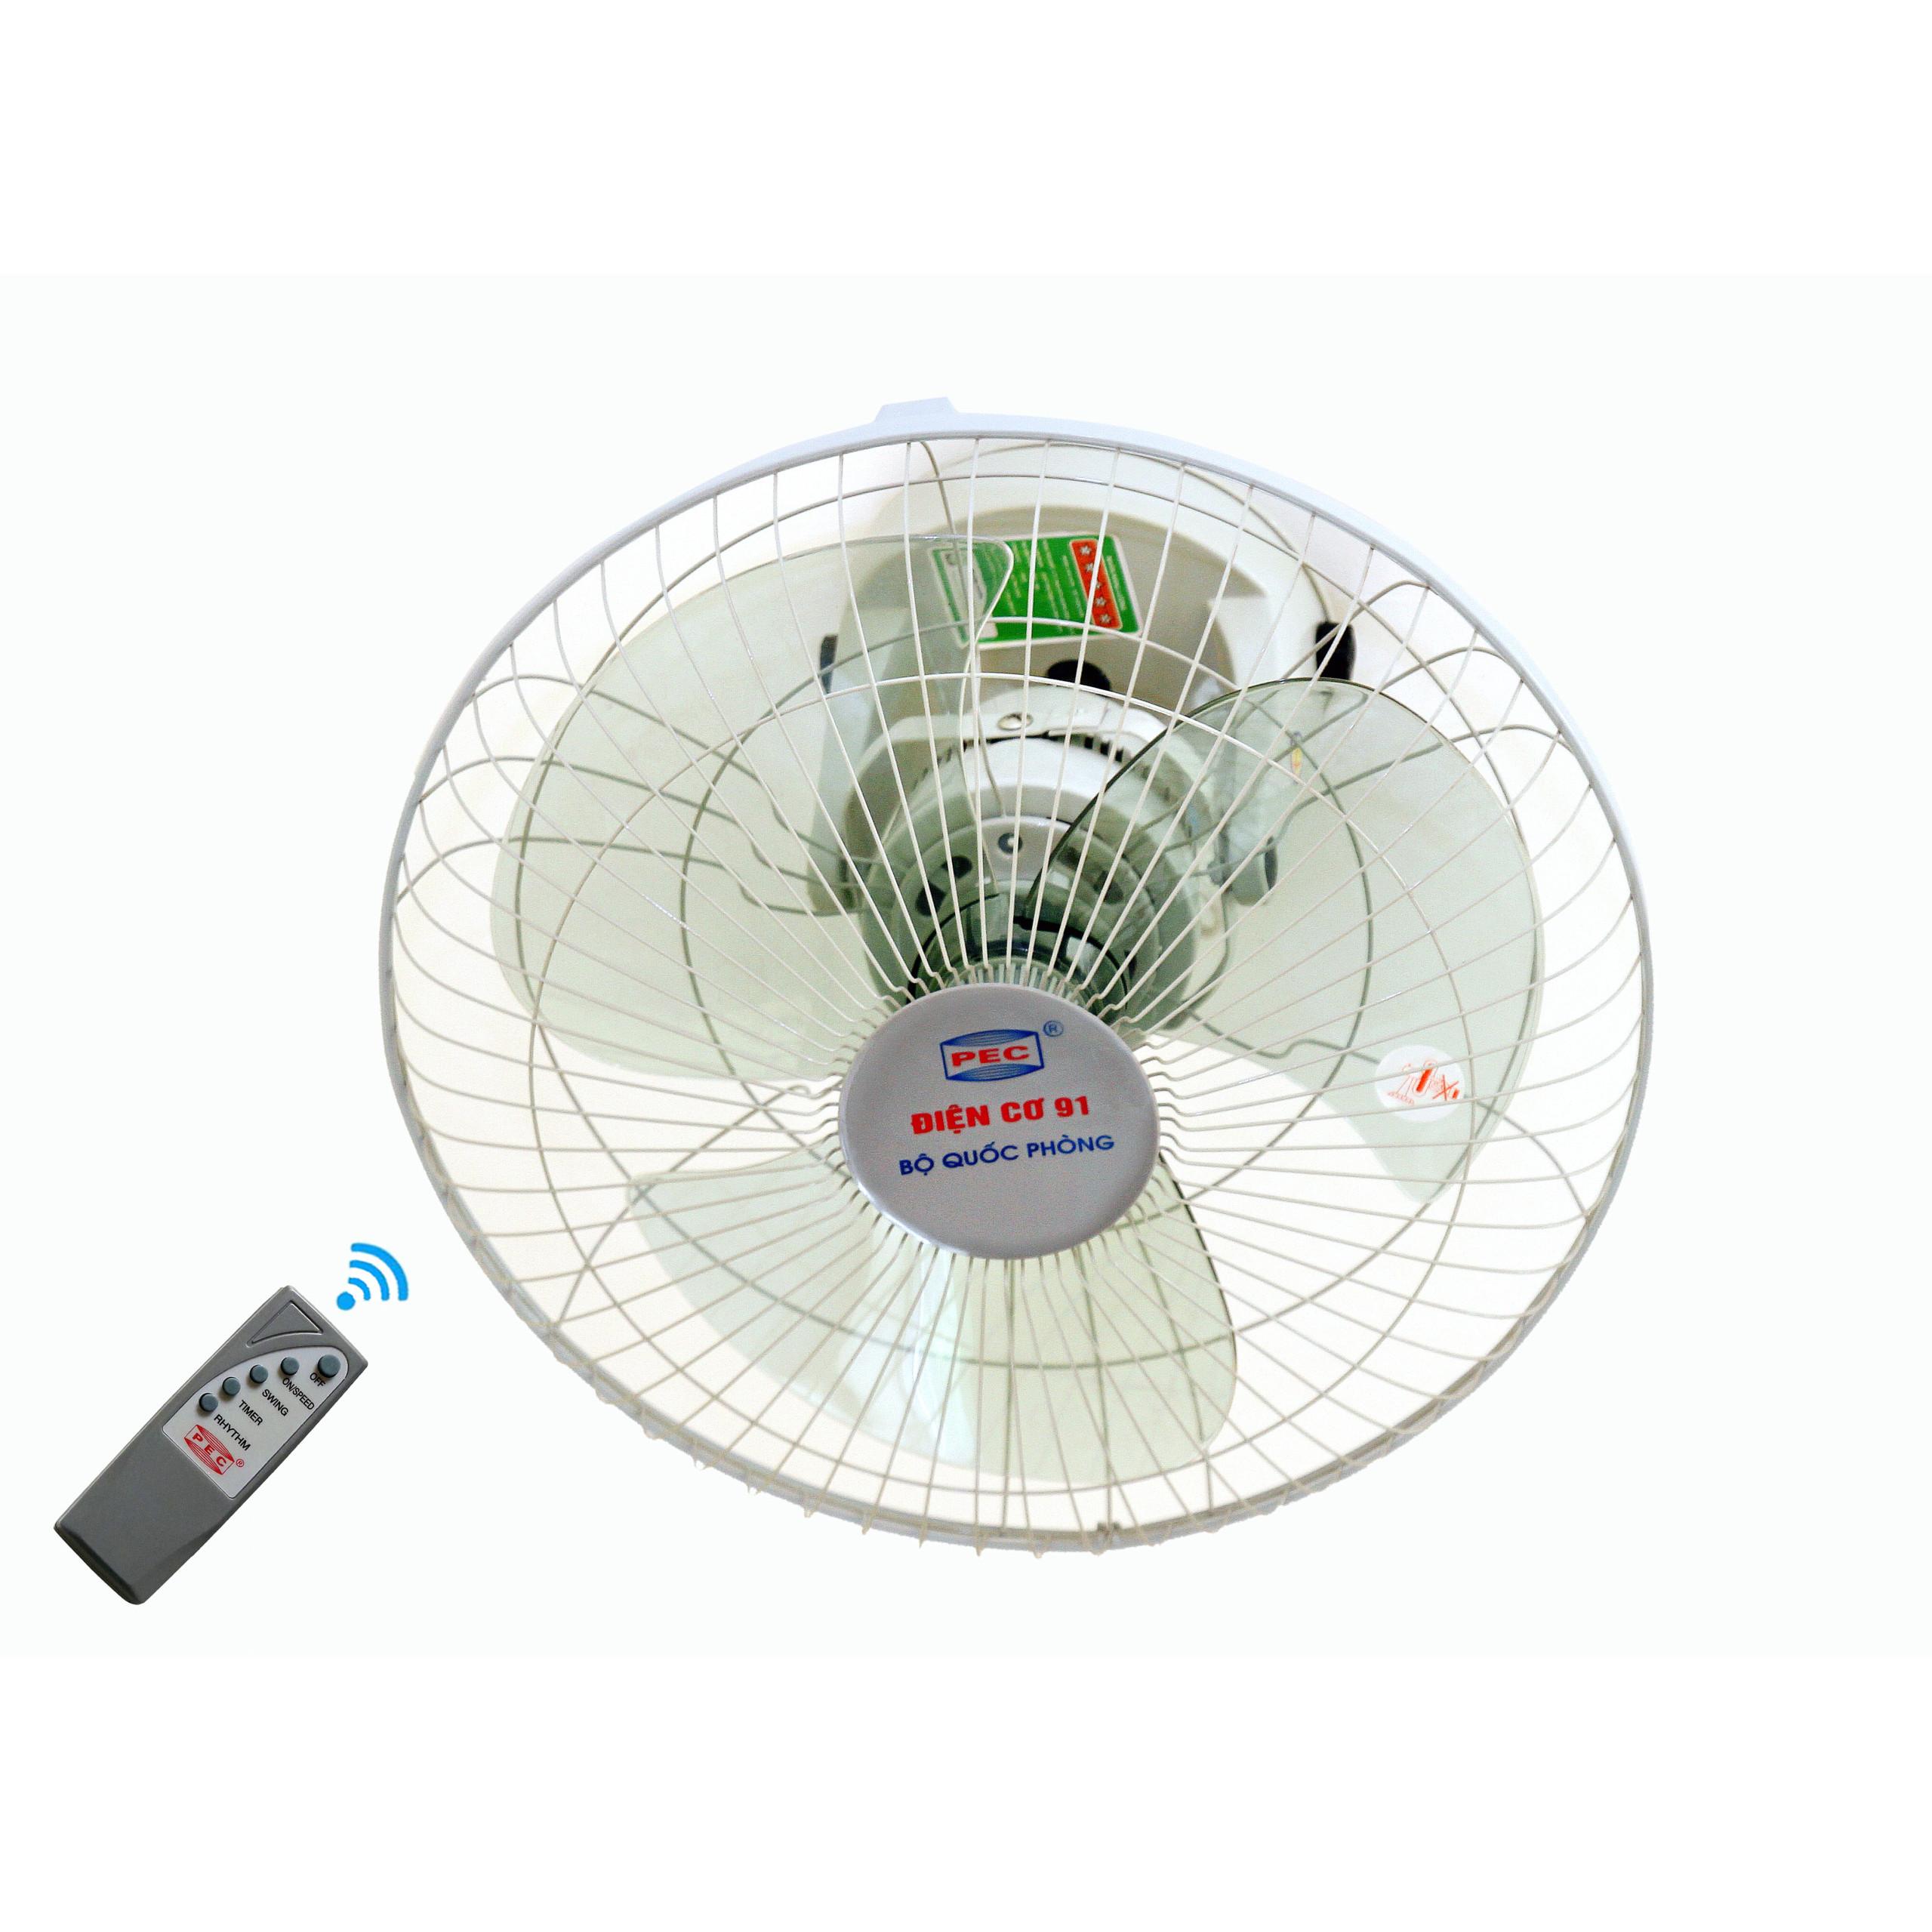 Đánh giá Quạt Đảo Trần Điện Cơ 91 QĐT-400ĐK (46W)